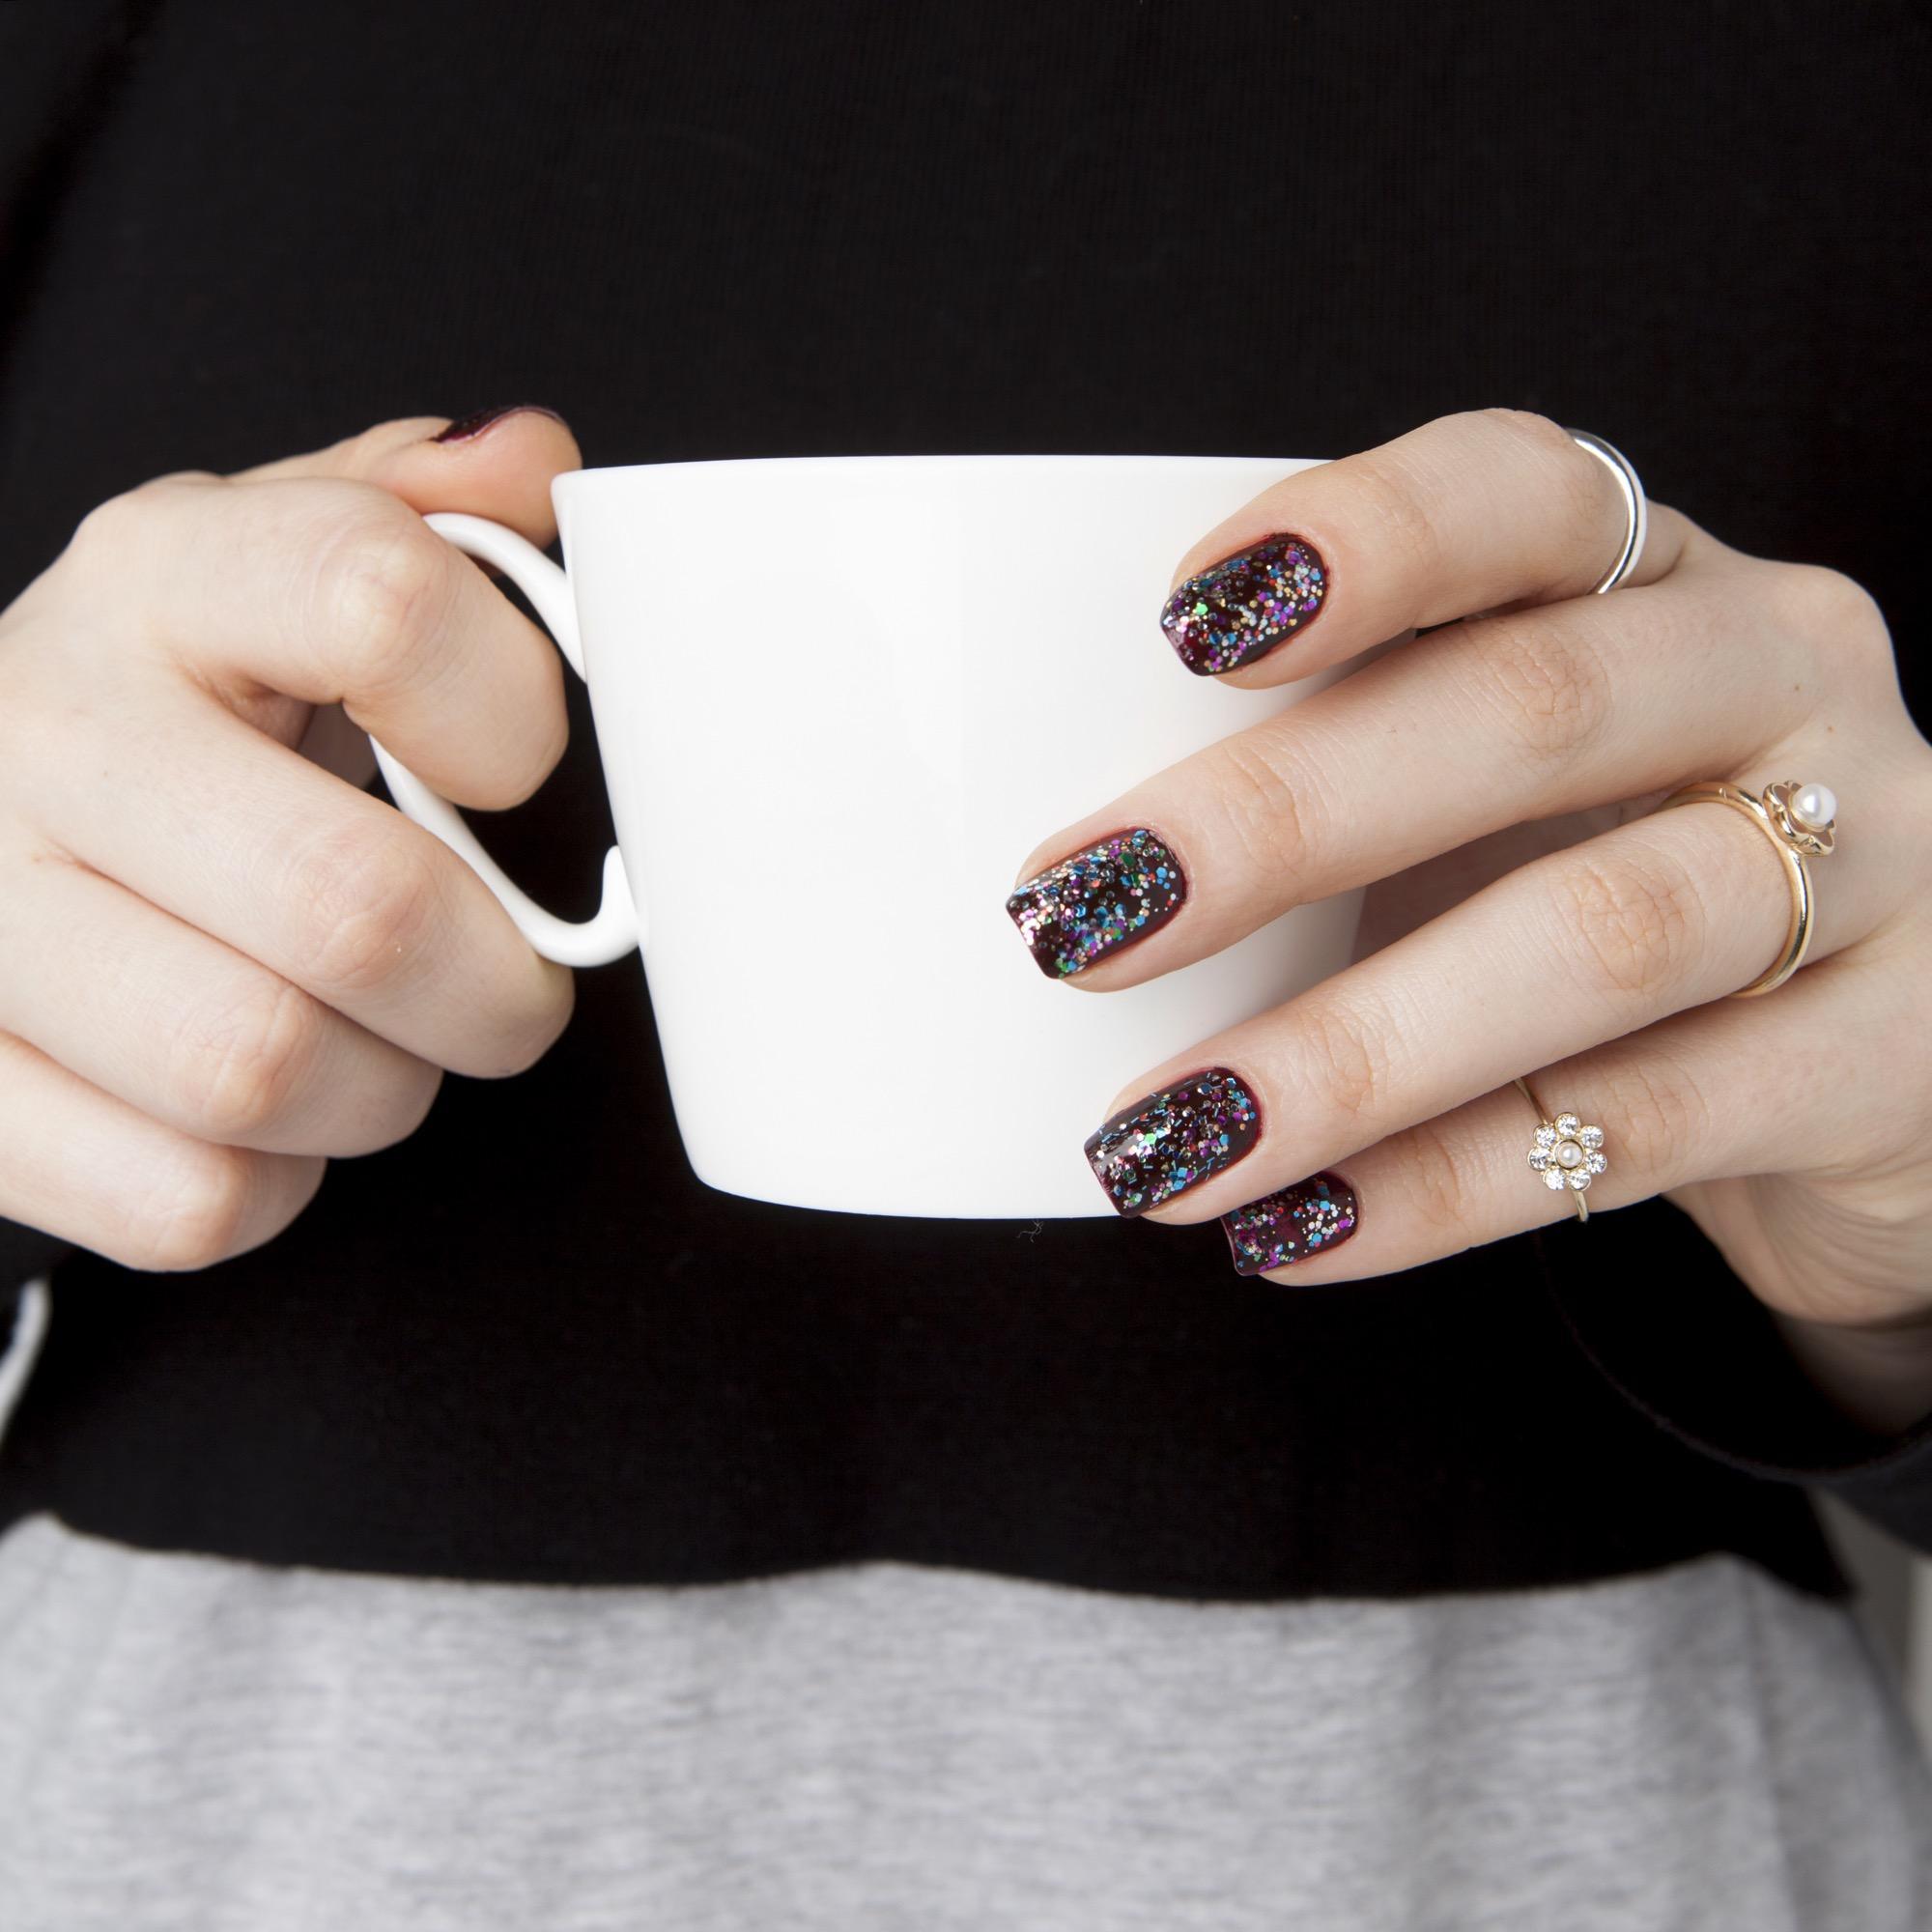 Brüchige Fingernägel? DAS hilft wirklich dagegen | BRIGITTE.de